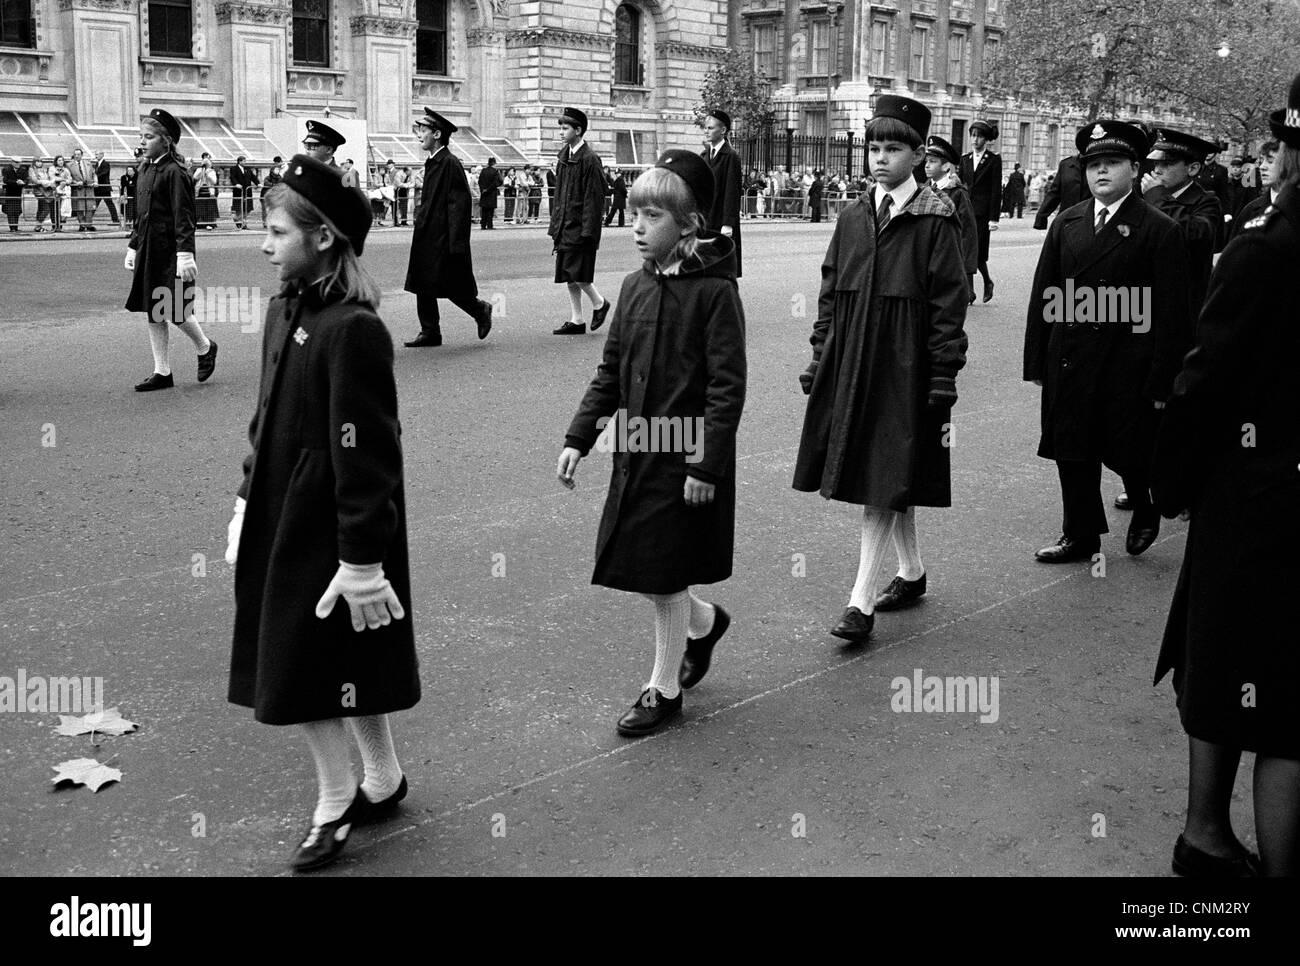 Junior Esercito della Salvezza membri marzo a Londra Immagini Stock